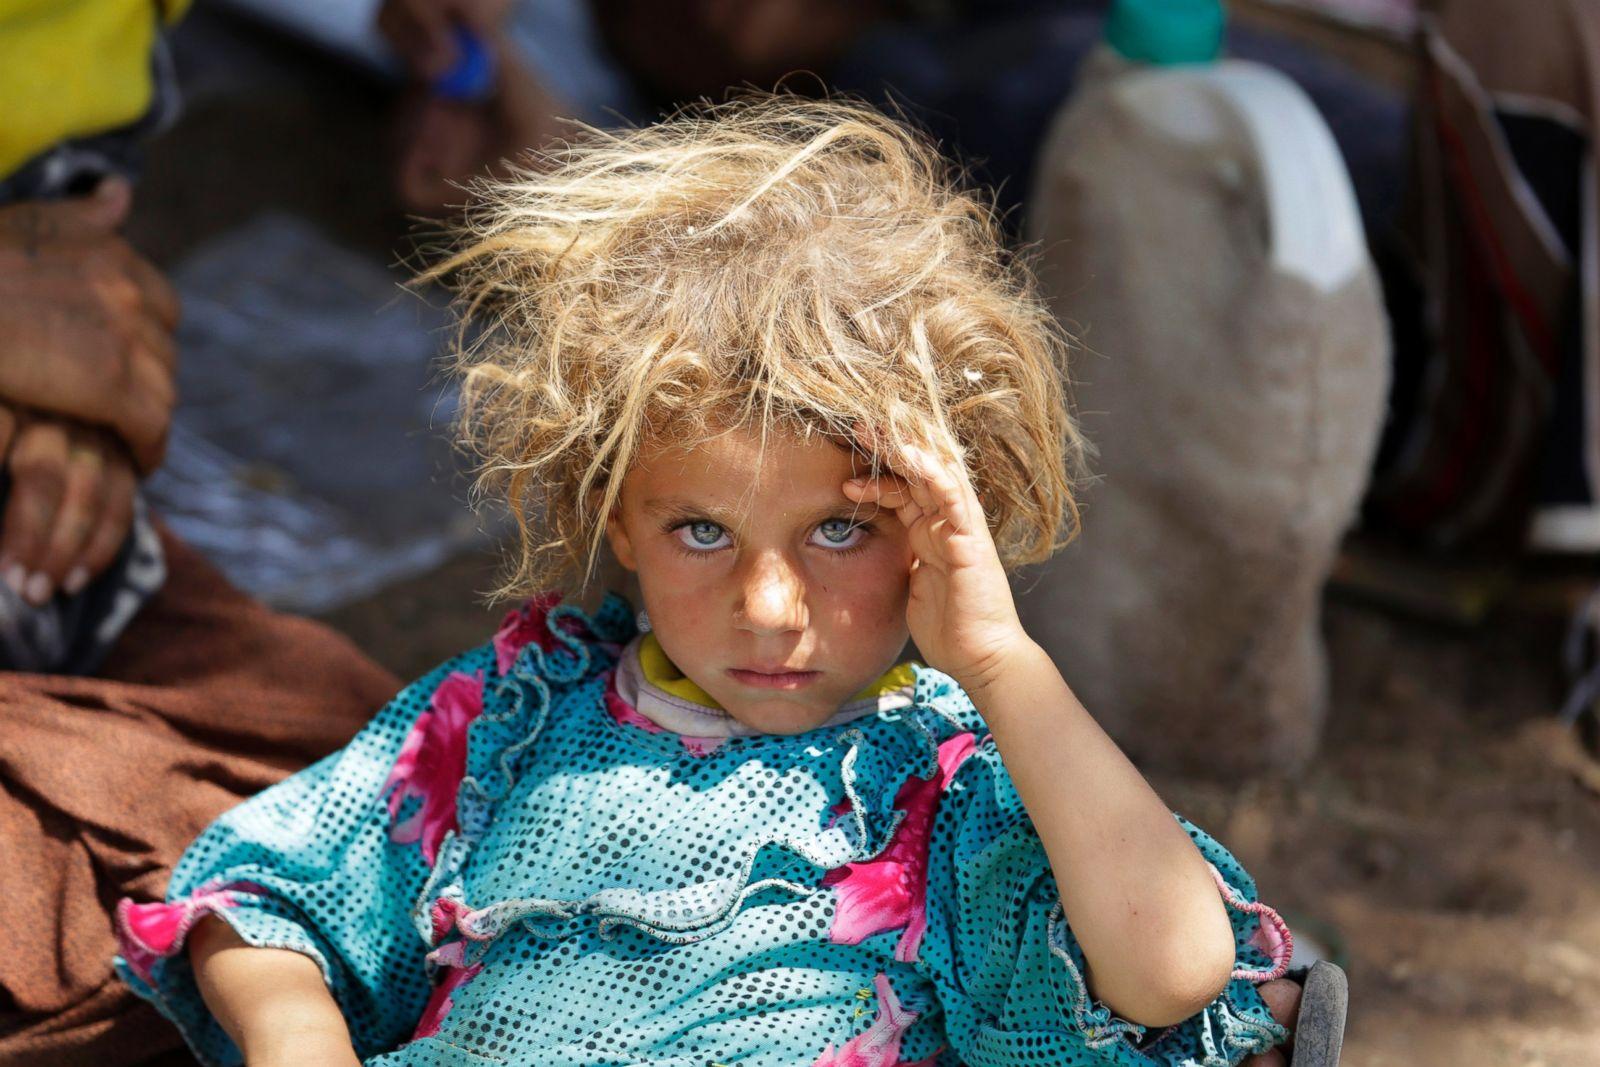 Model Hooker Mosul